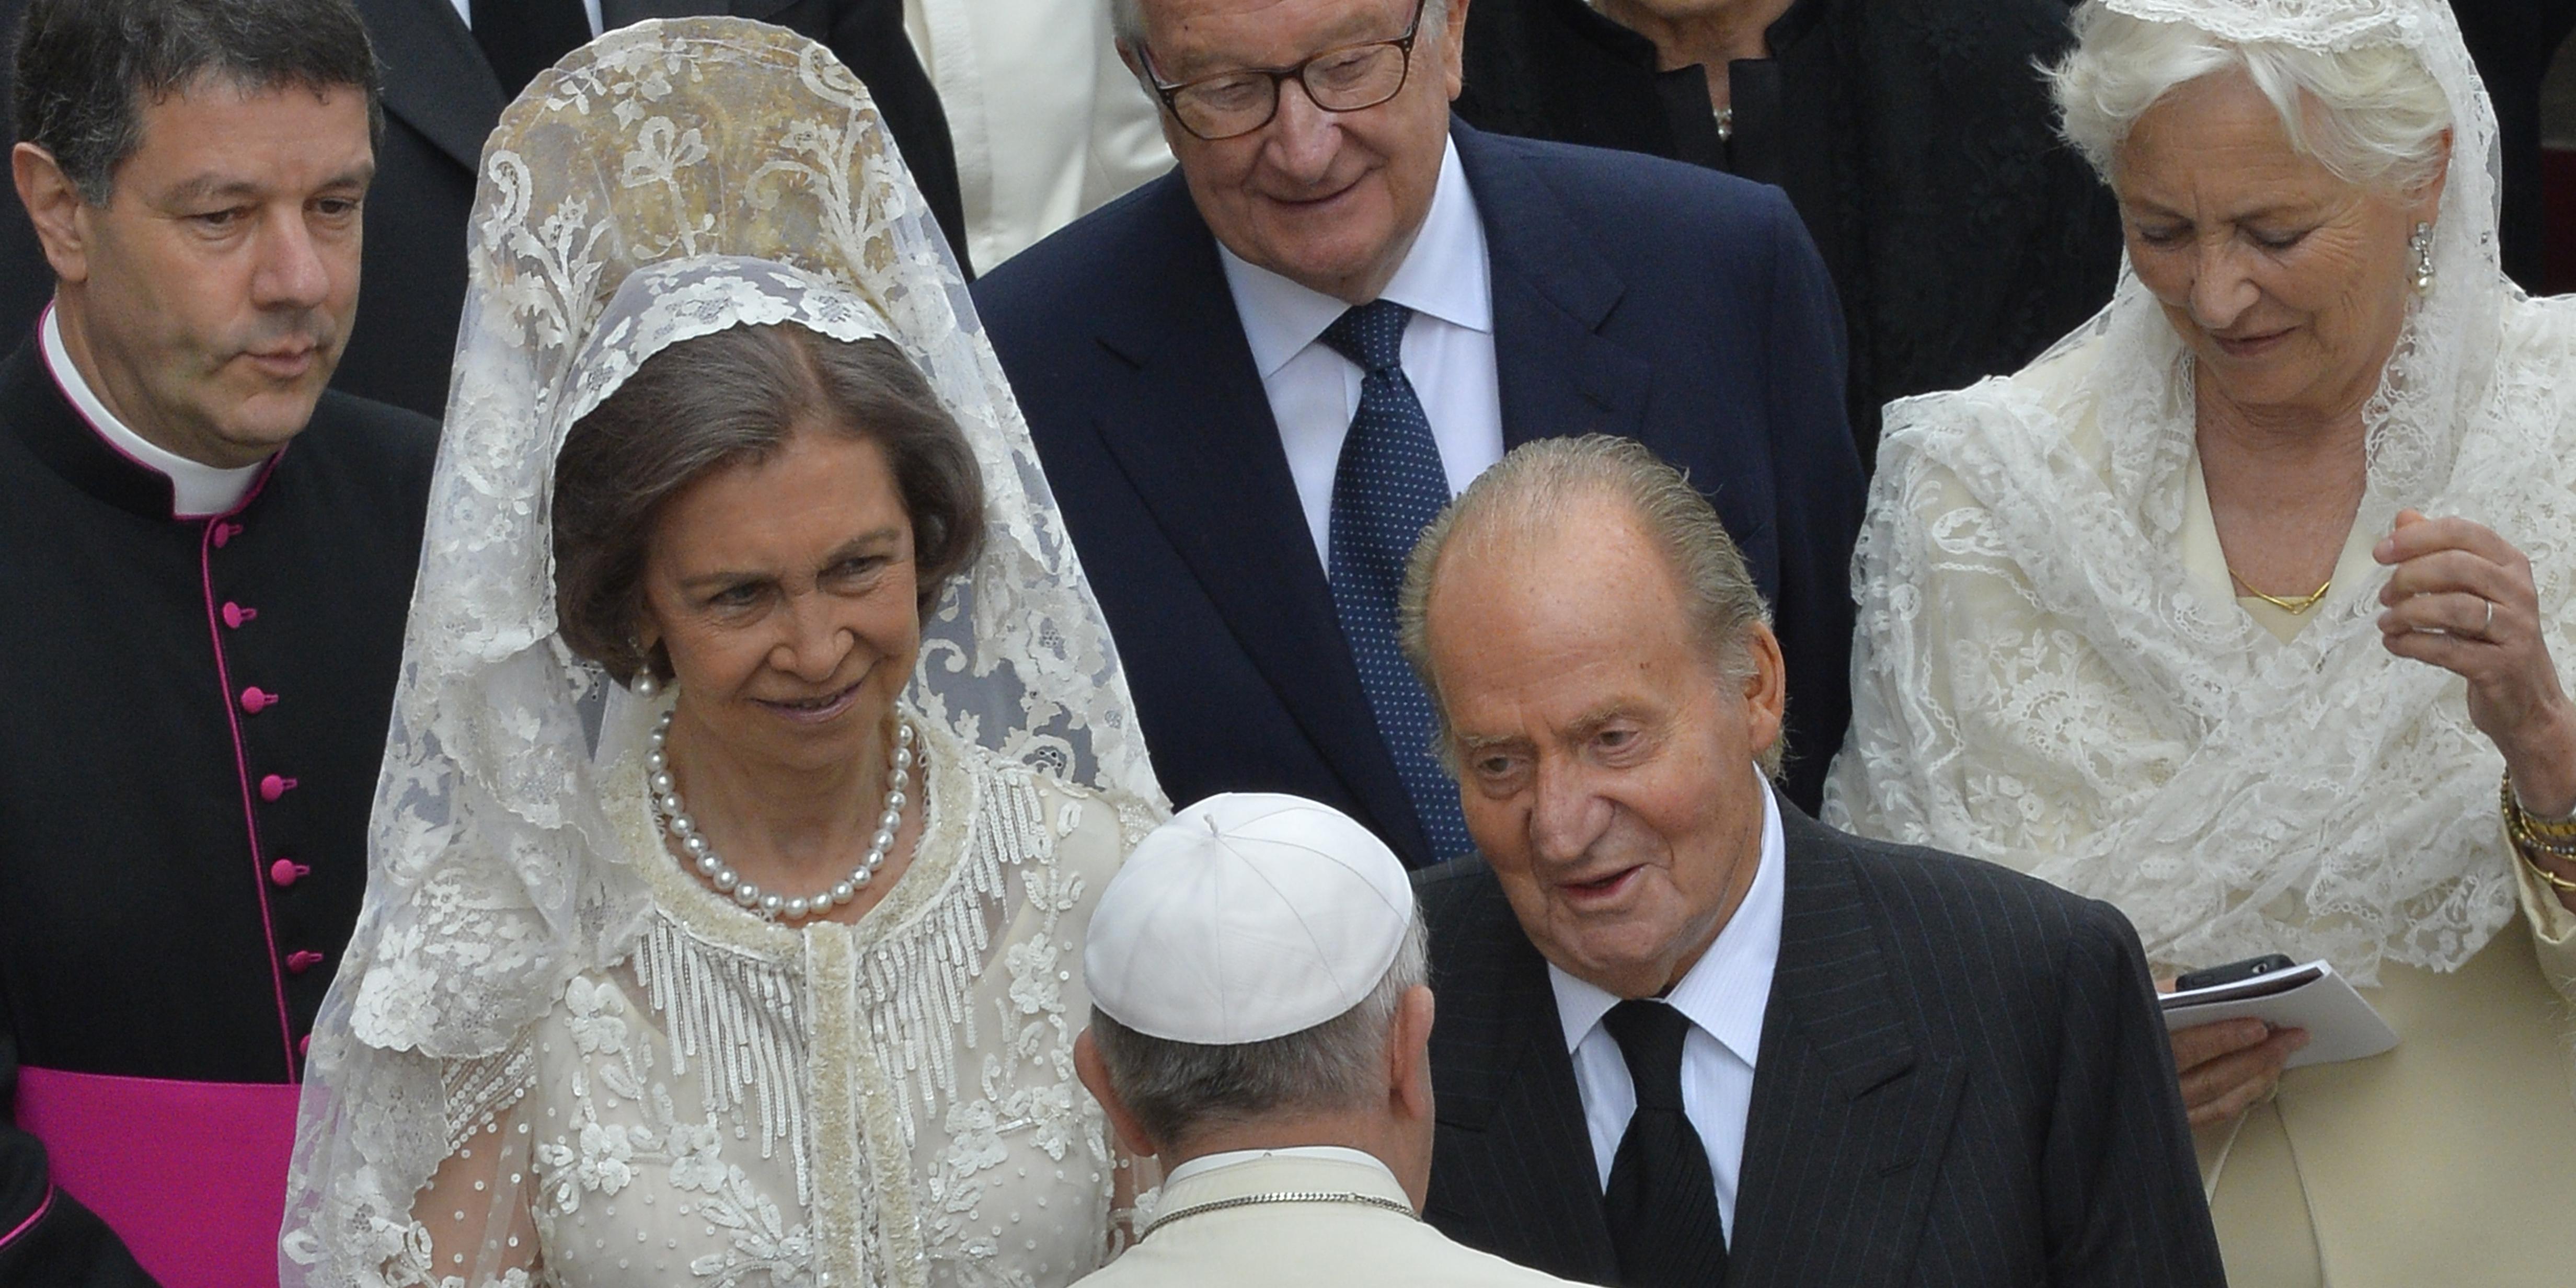 Papież Franciszek wita króla Hiszpanii Juana Carlosa I